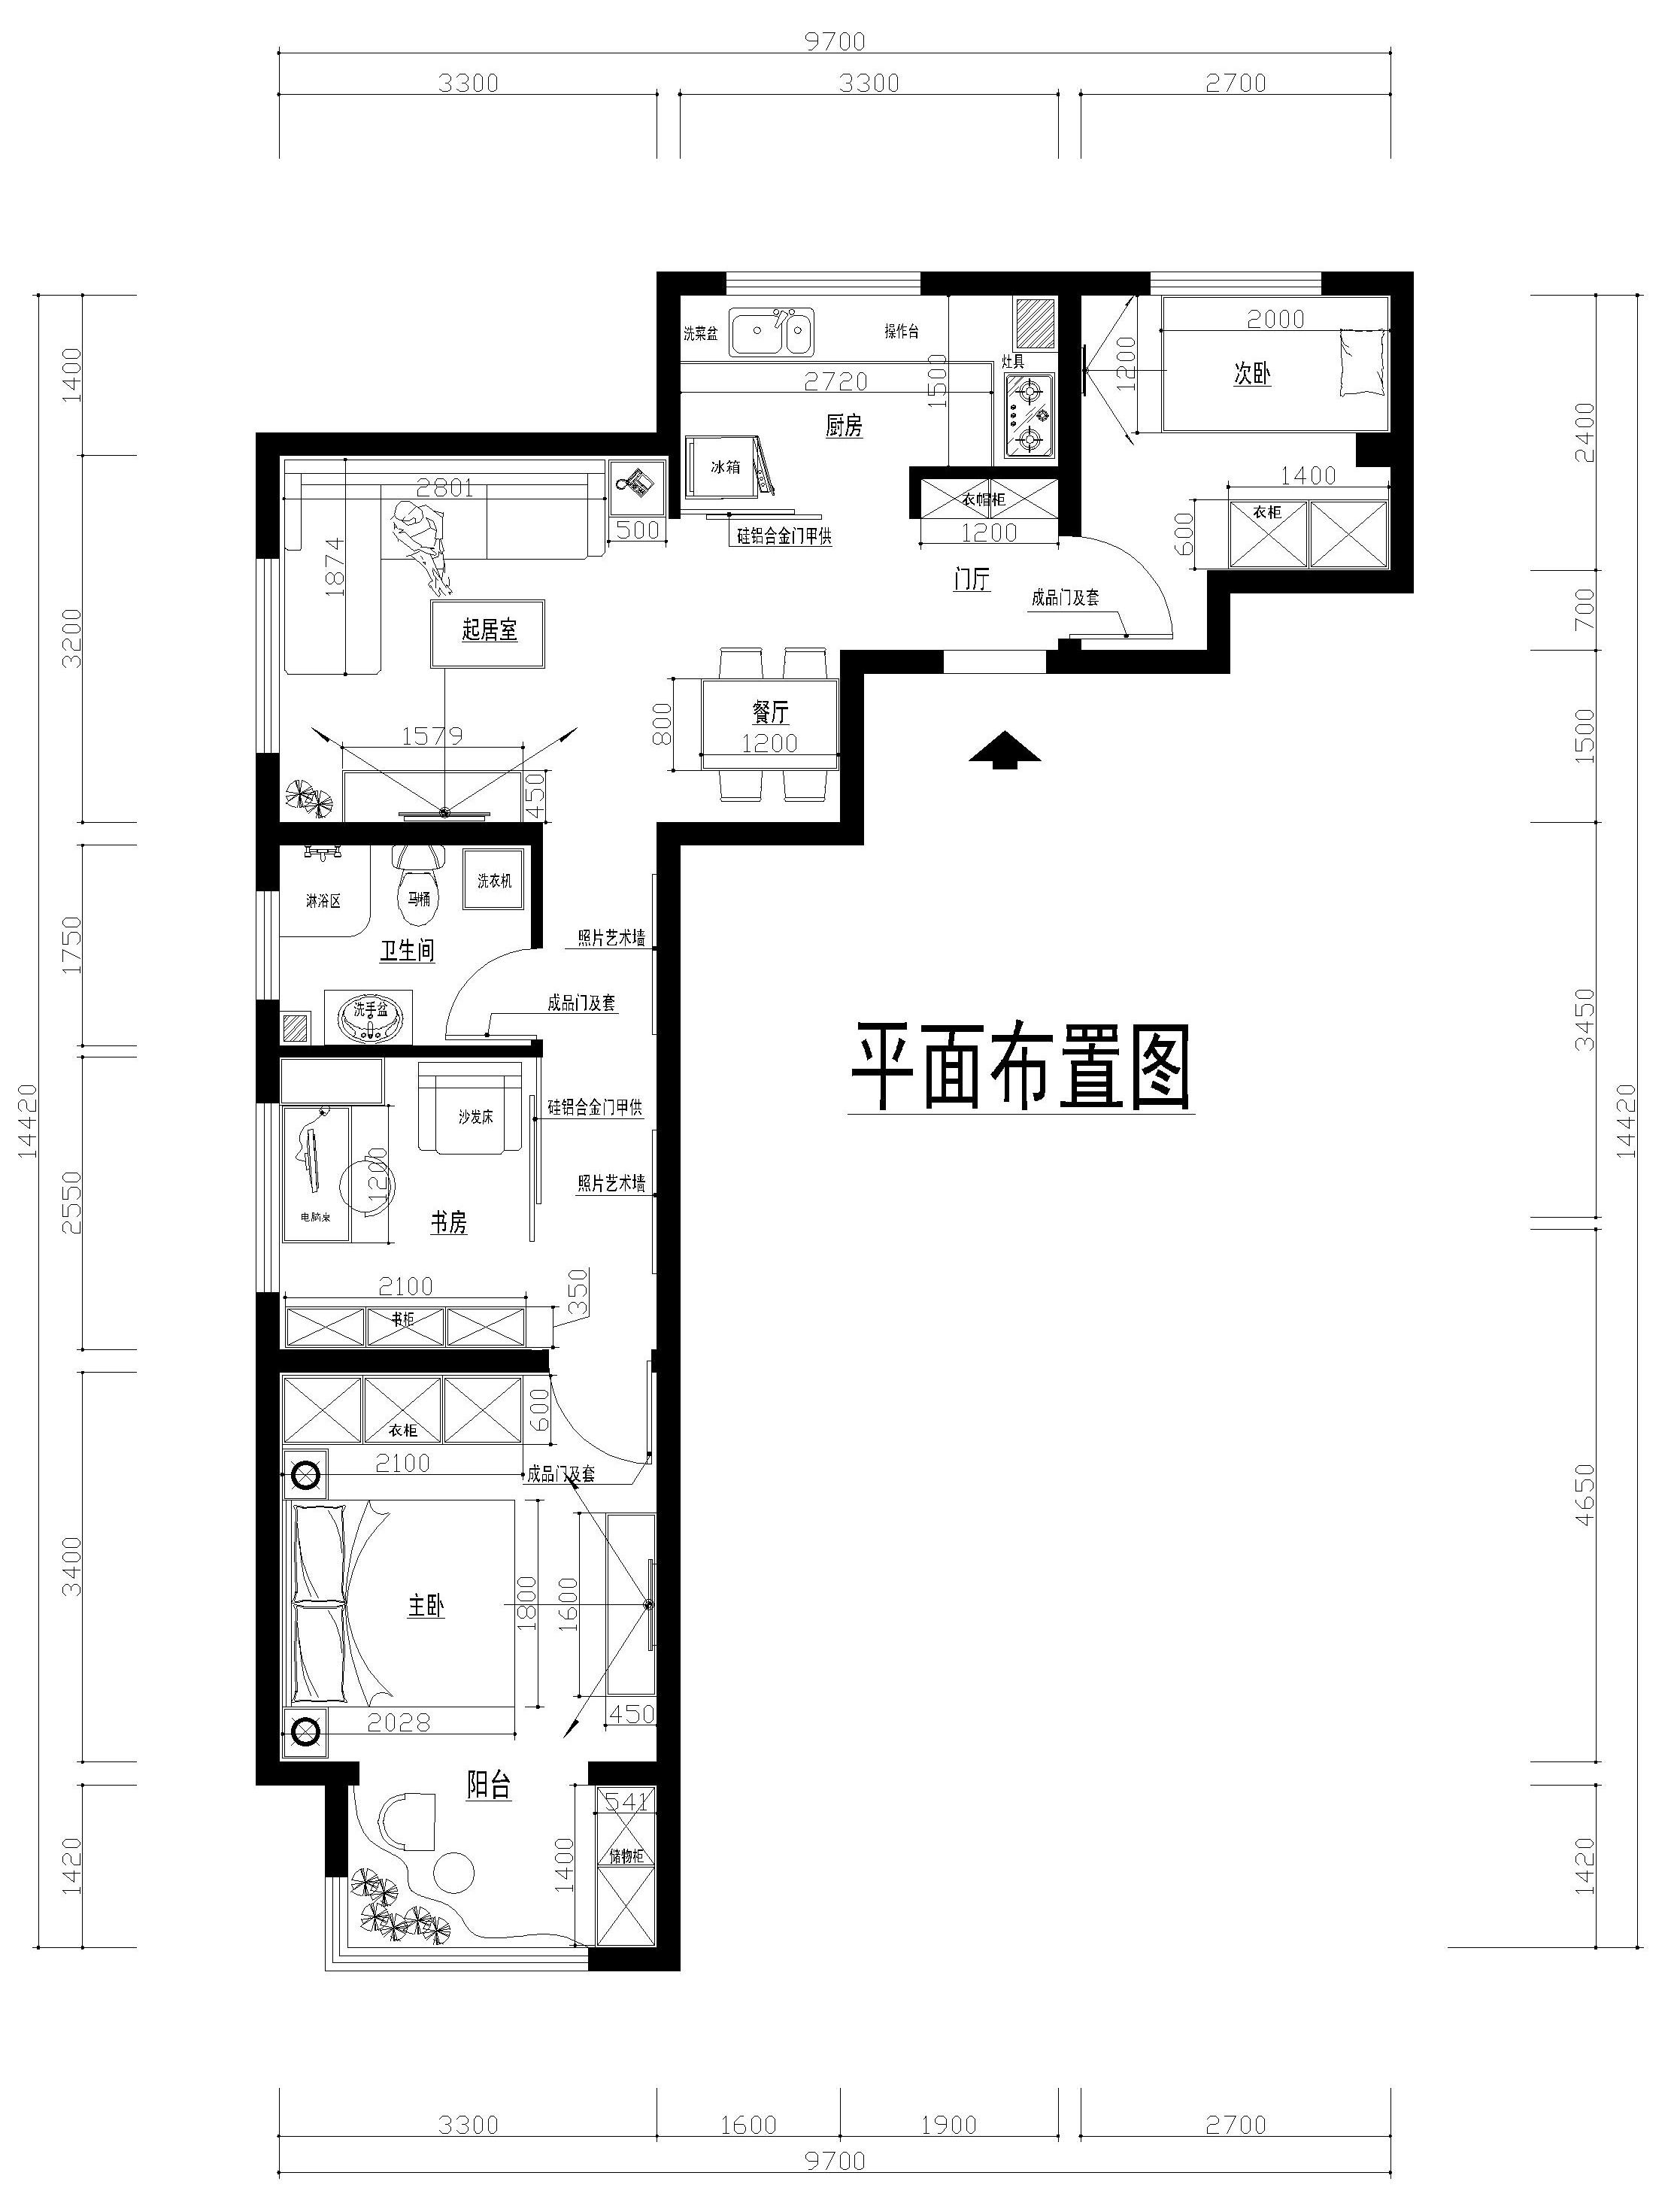 简约 三居 金隅泰和园 户型图图片来自shichuangyizu在金隅泰和园的分享